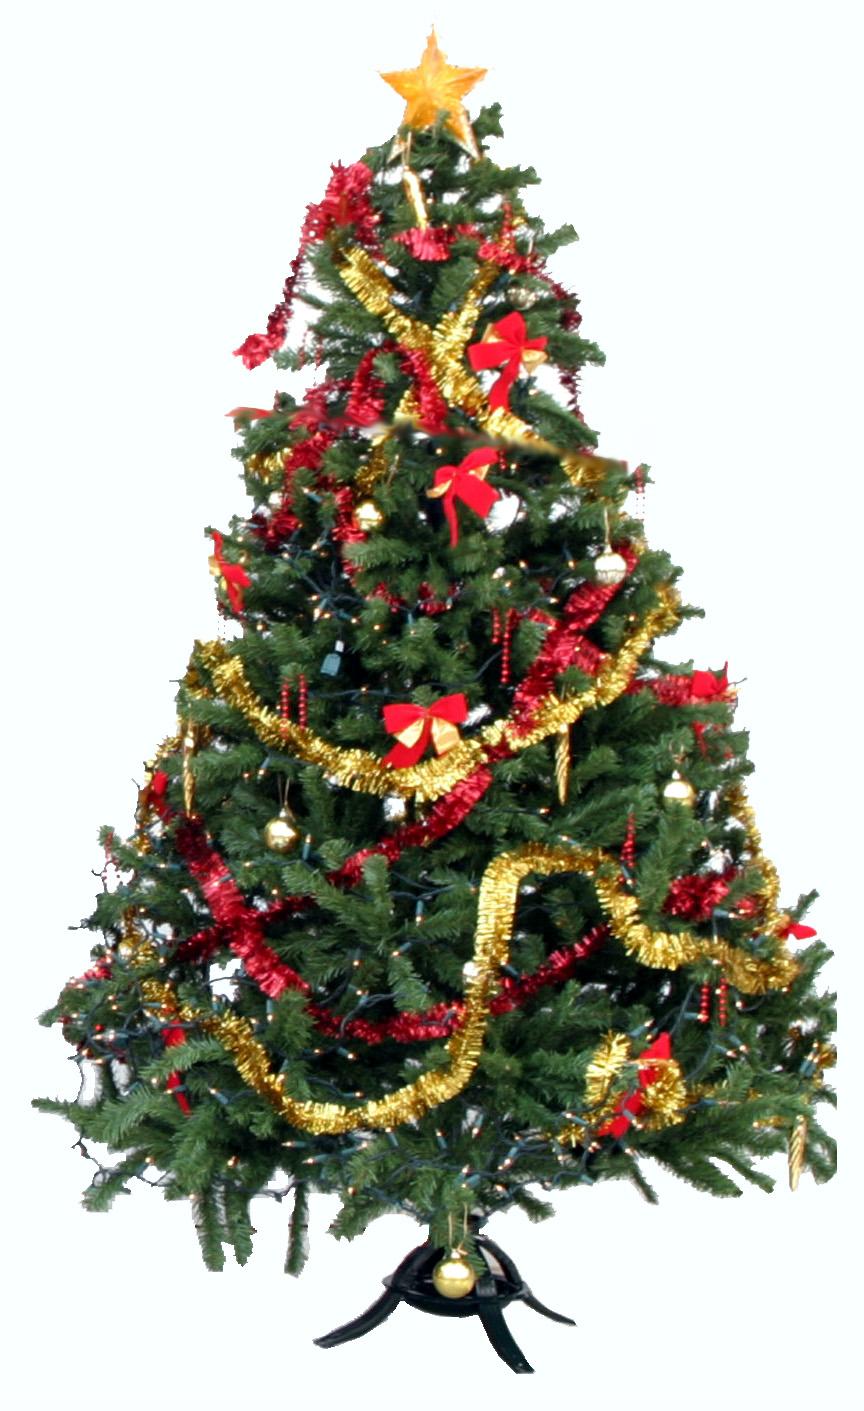 Photo Shop CORELDRAW Membuat Kartu Natal